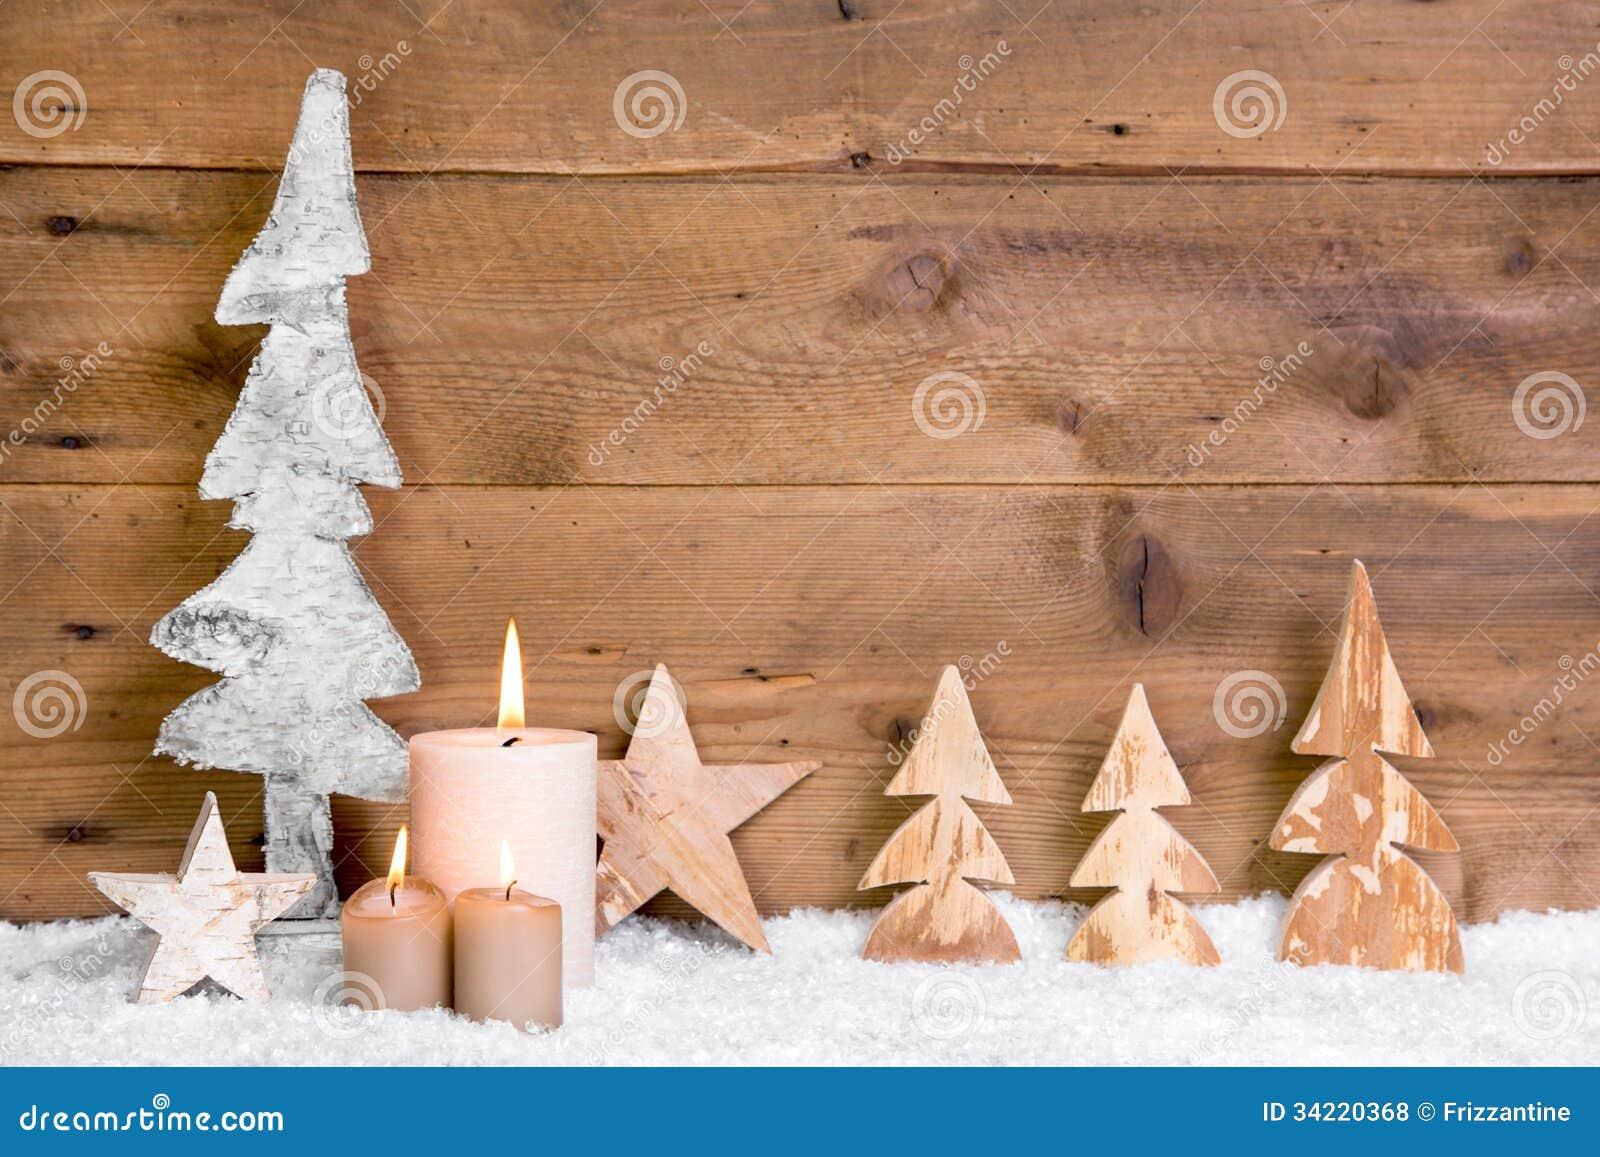 Decorazioni In Legno Natalizie : Decorazione di natale alberi stelle candele e neve di legno su